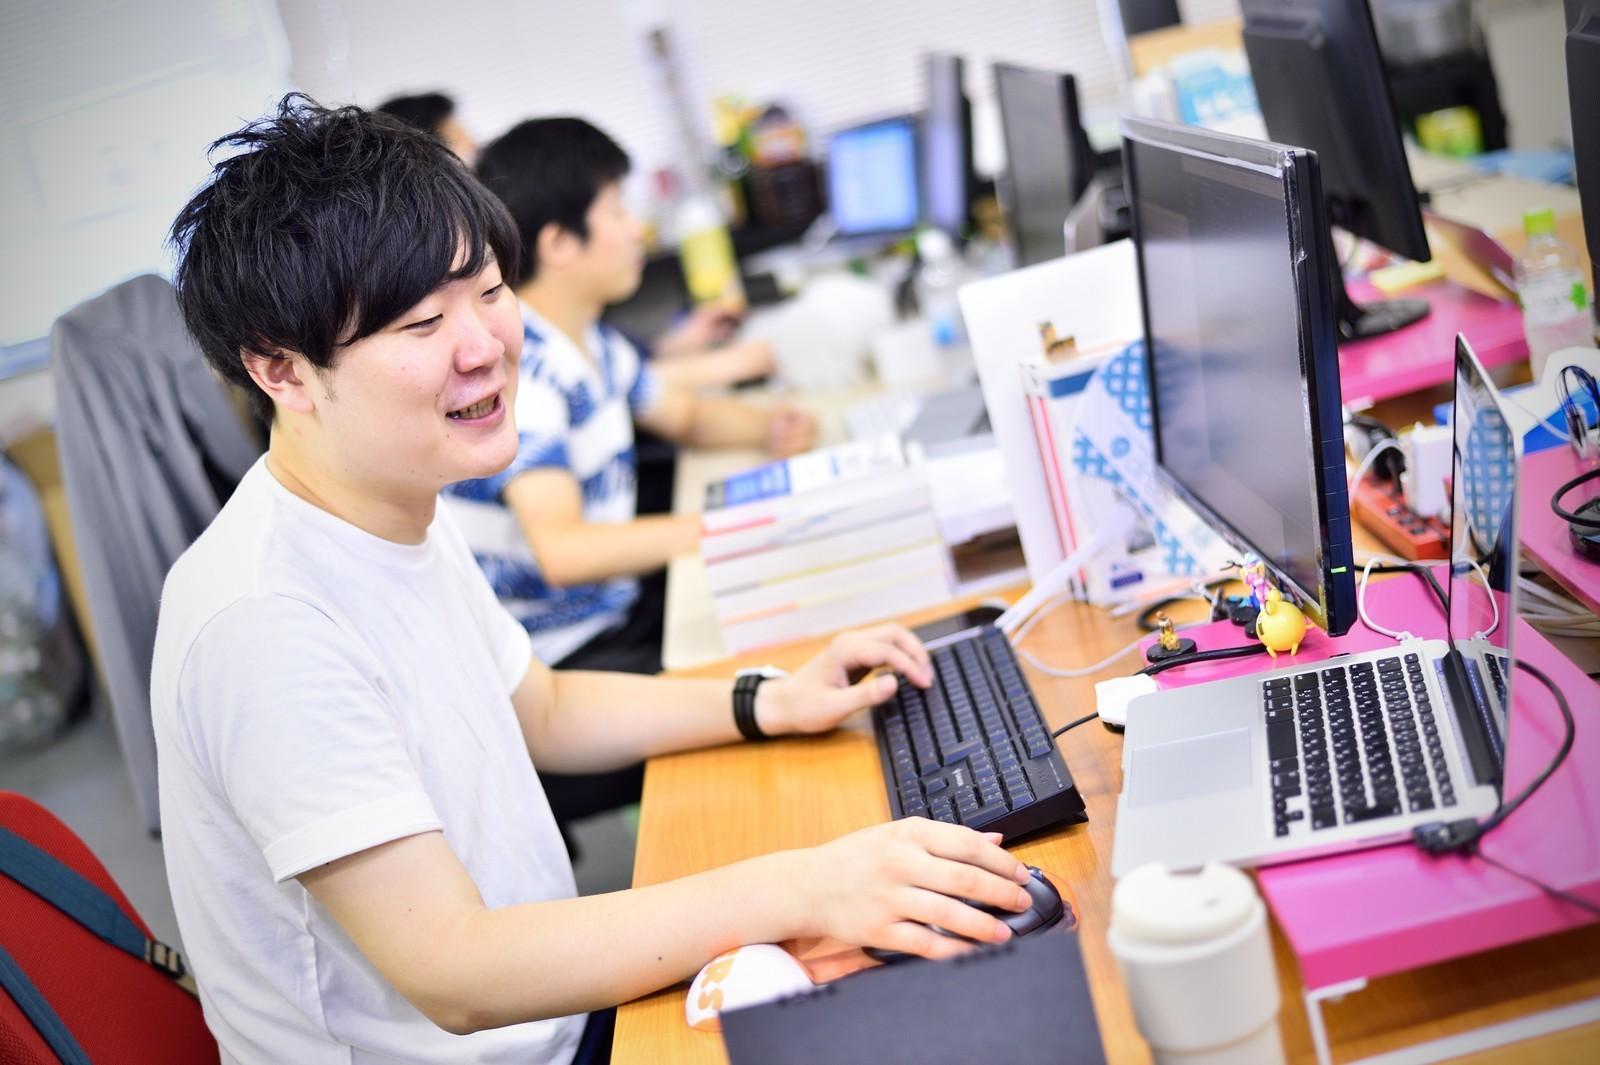 あらゆる業務で使えるビジネスメッセンジャー「direct」をJavaで開発!【東京/徳島】